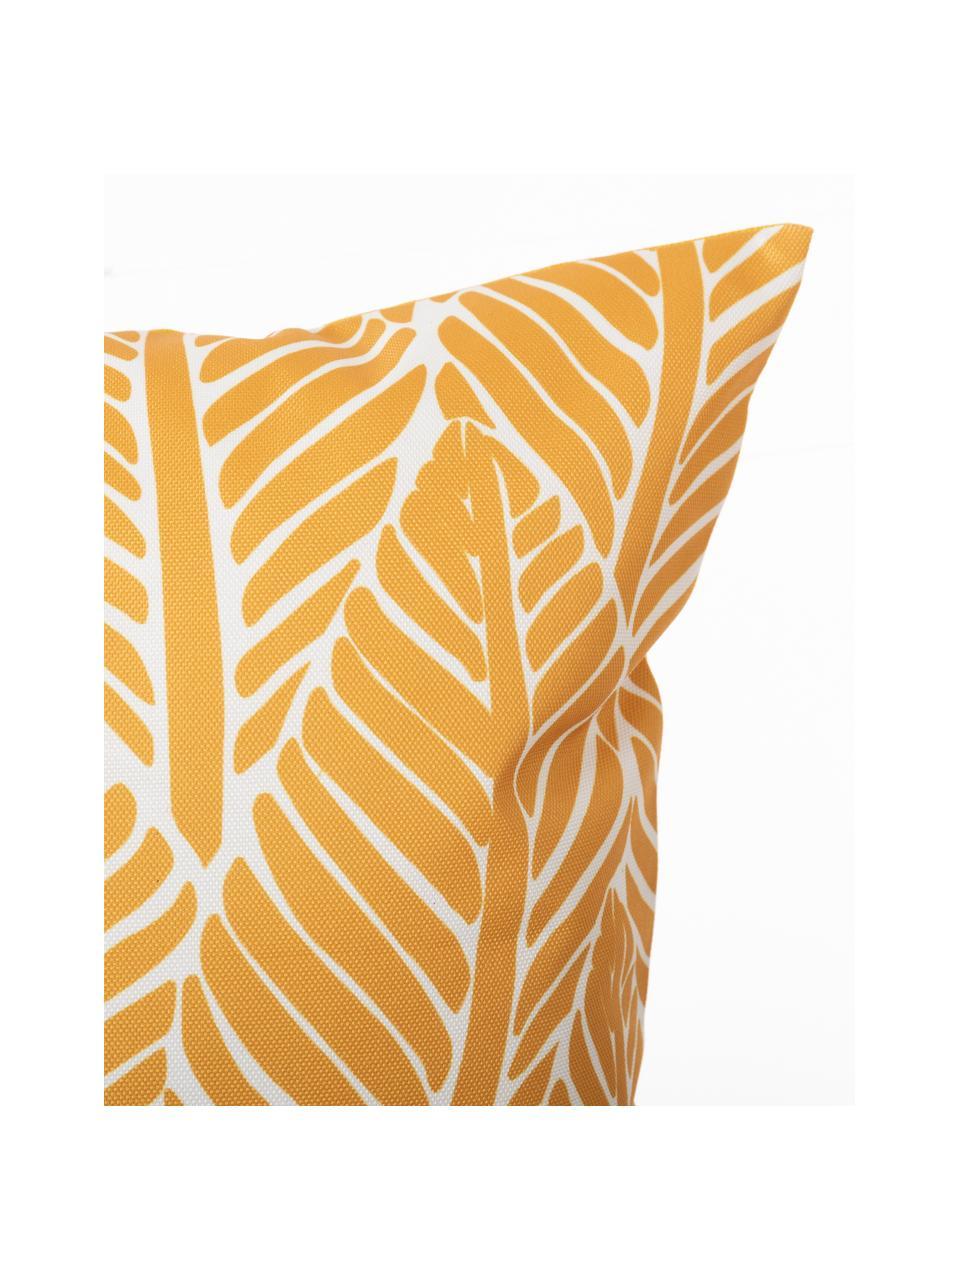 Outdoor-Kissen Sanka mit Blättermotiv, mit Inlett, 100% Polyester, Gelb, 45 x 45 cm